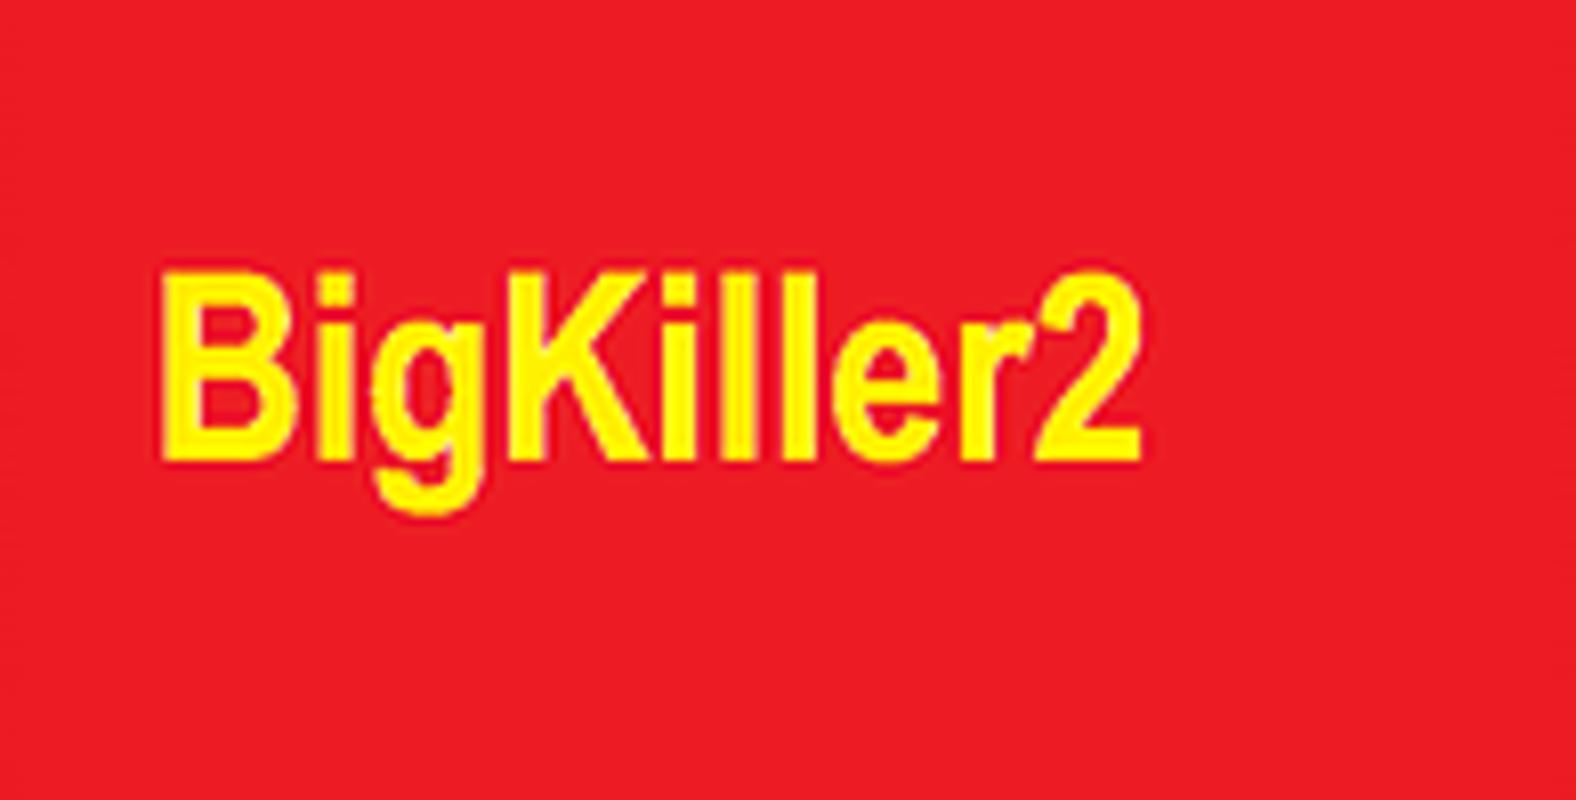 Play BigKiller 2